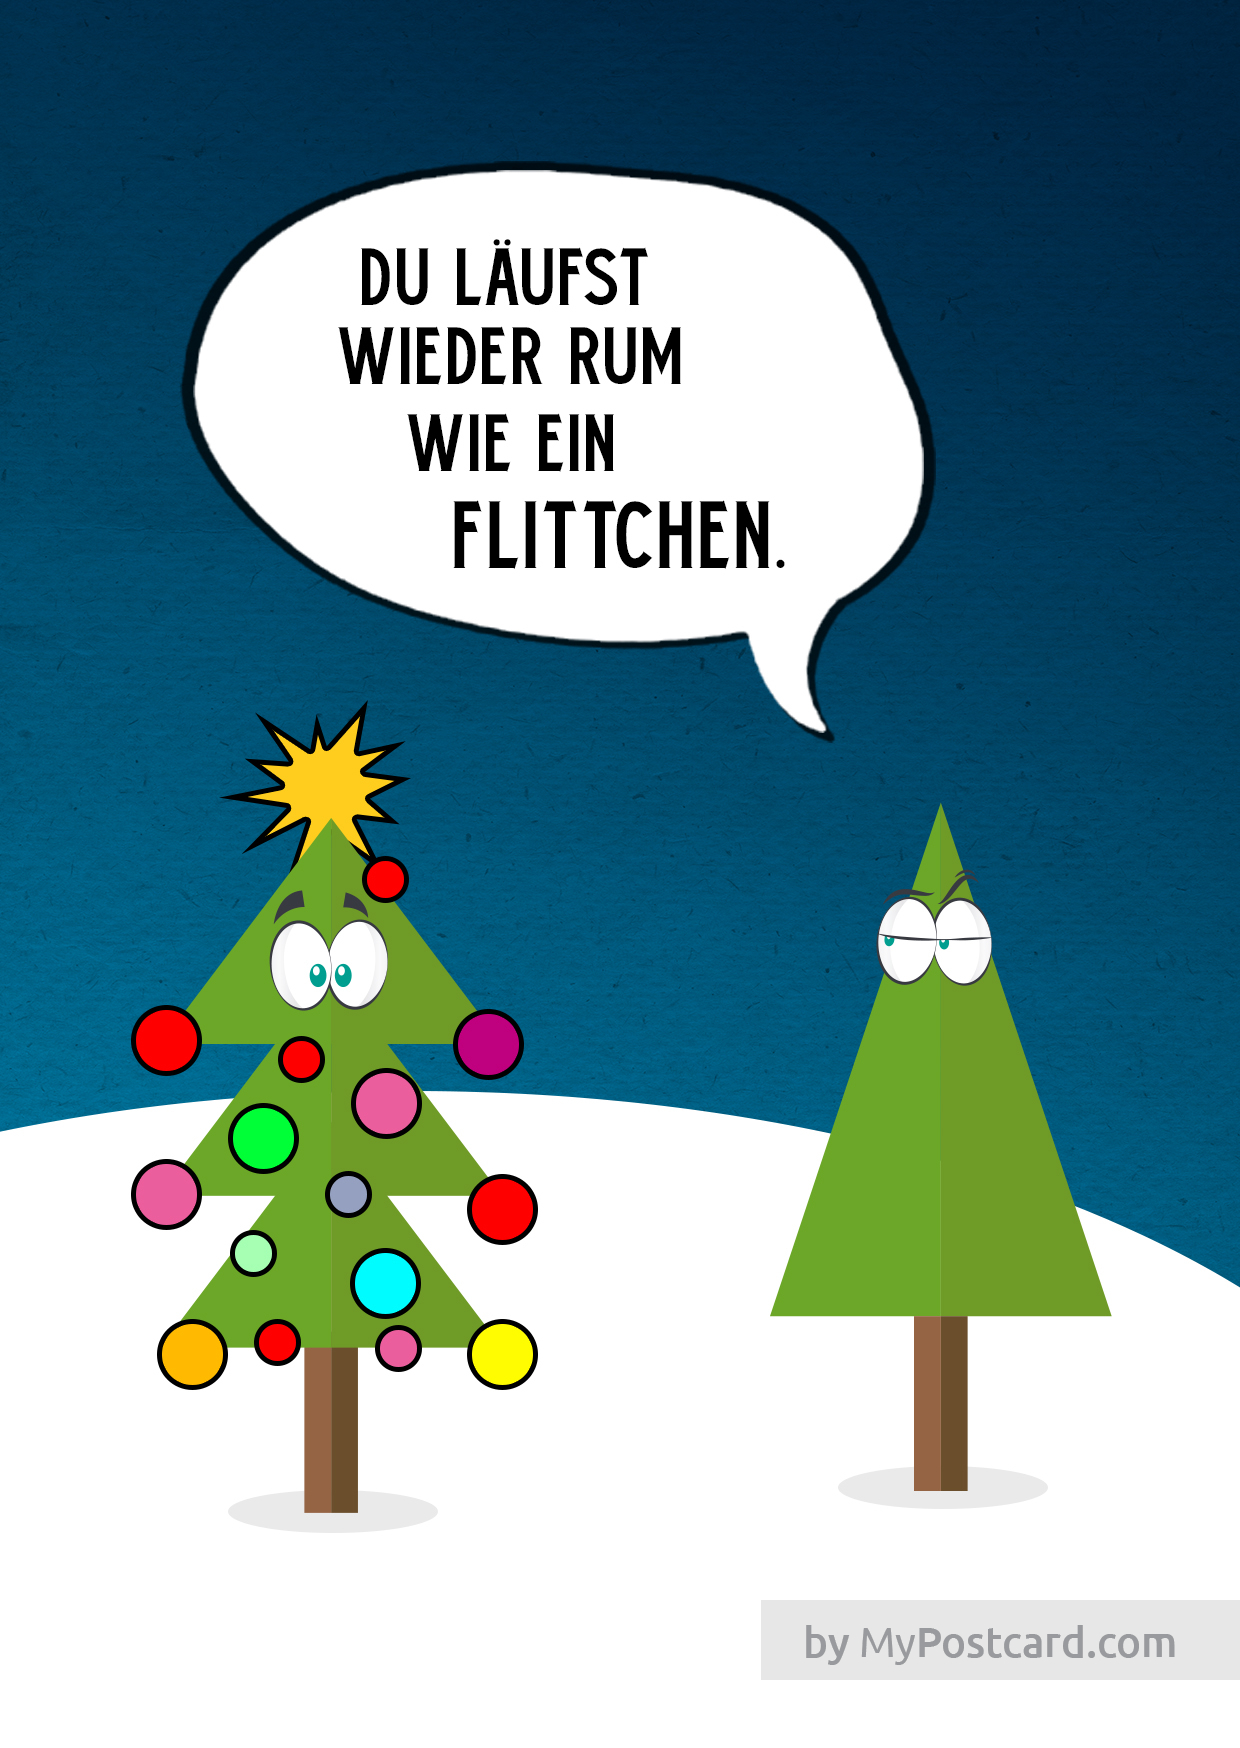 Pin Auf Humor für Weihnachten Bilder Lustig